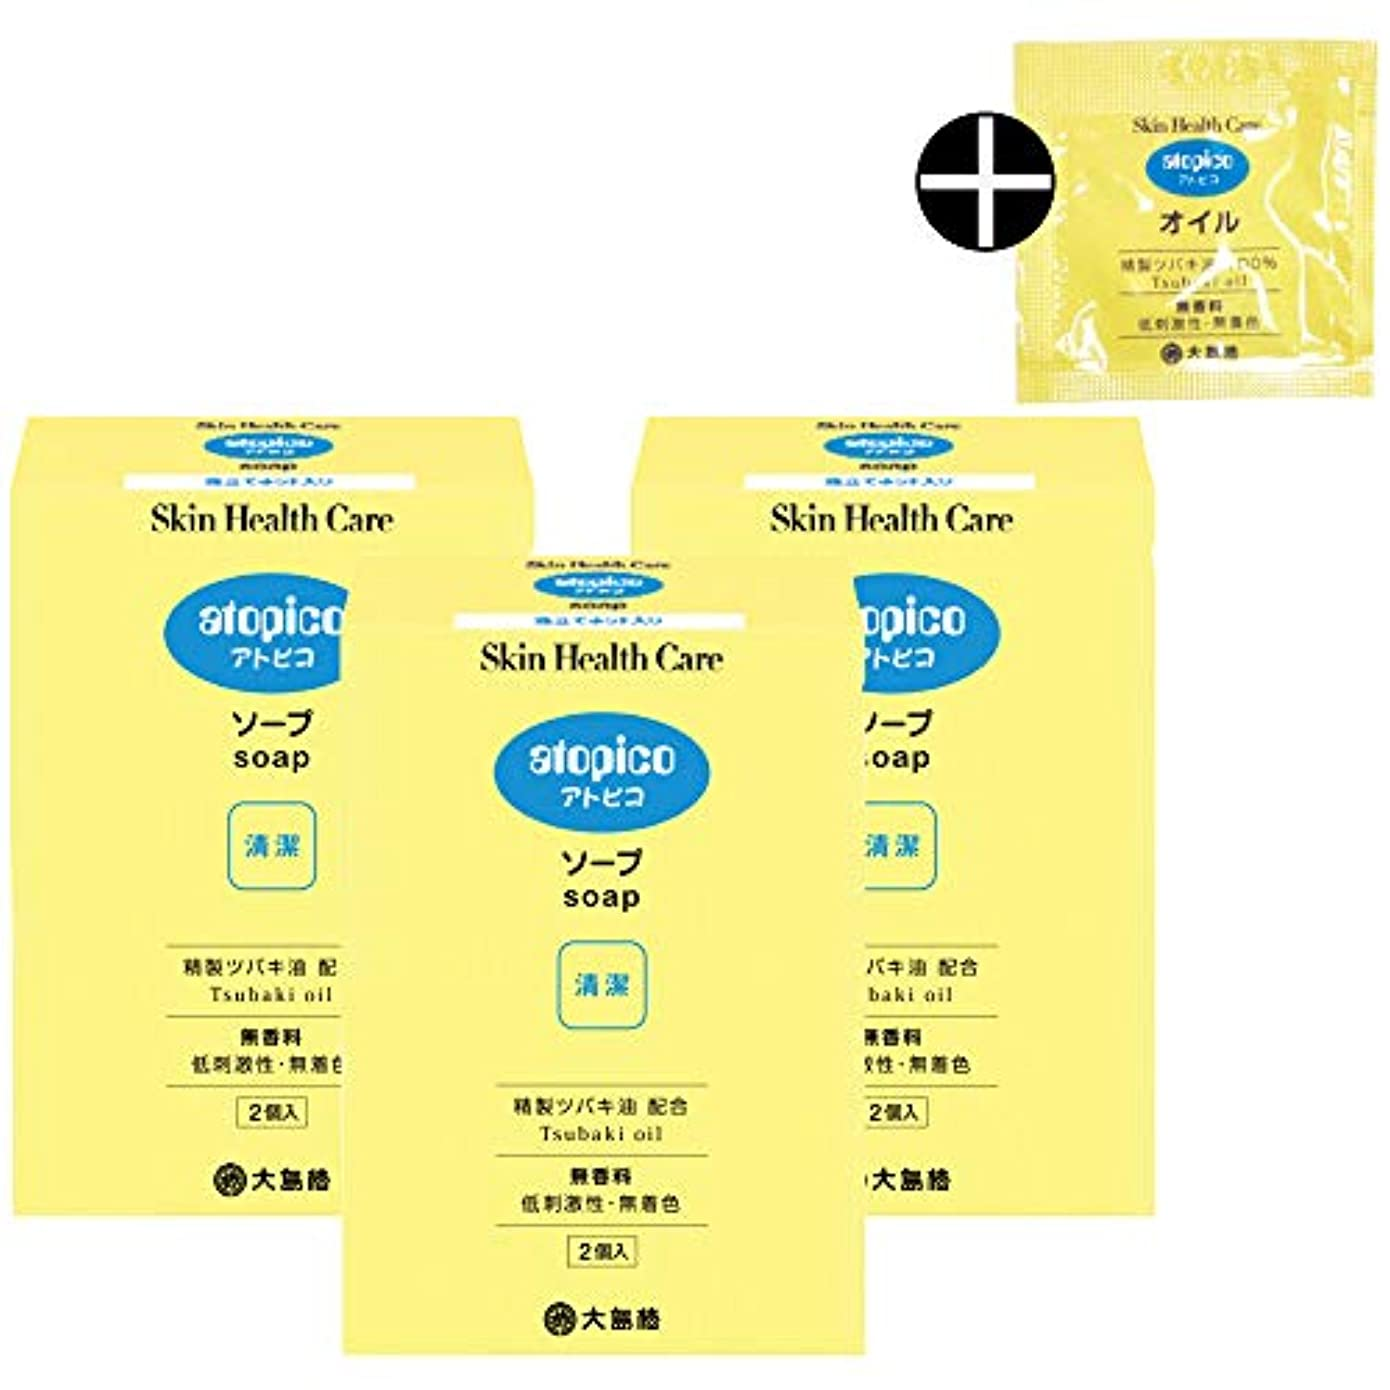 囲いモッキンバード抗生物質【公式】大島椿 アトピコ スキンヘルスケア ソープ 70g2個入×3箱 サンプル付セット